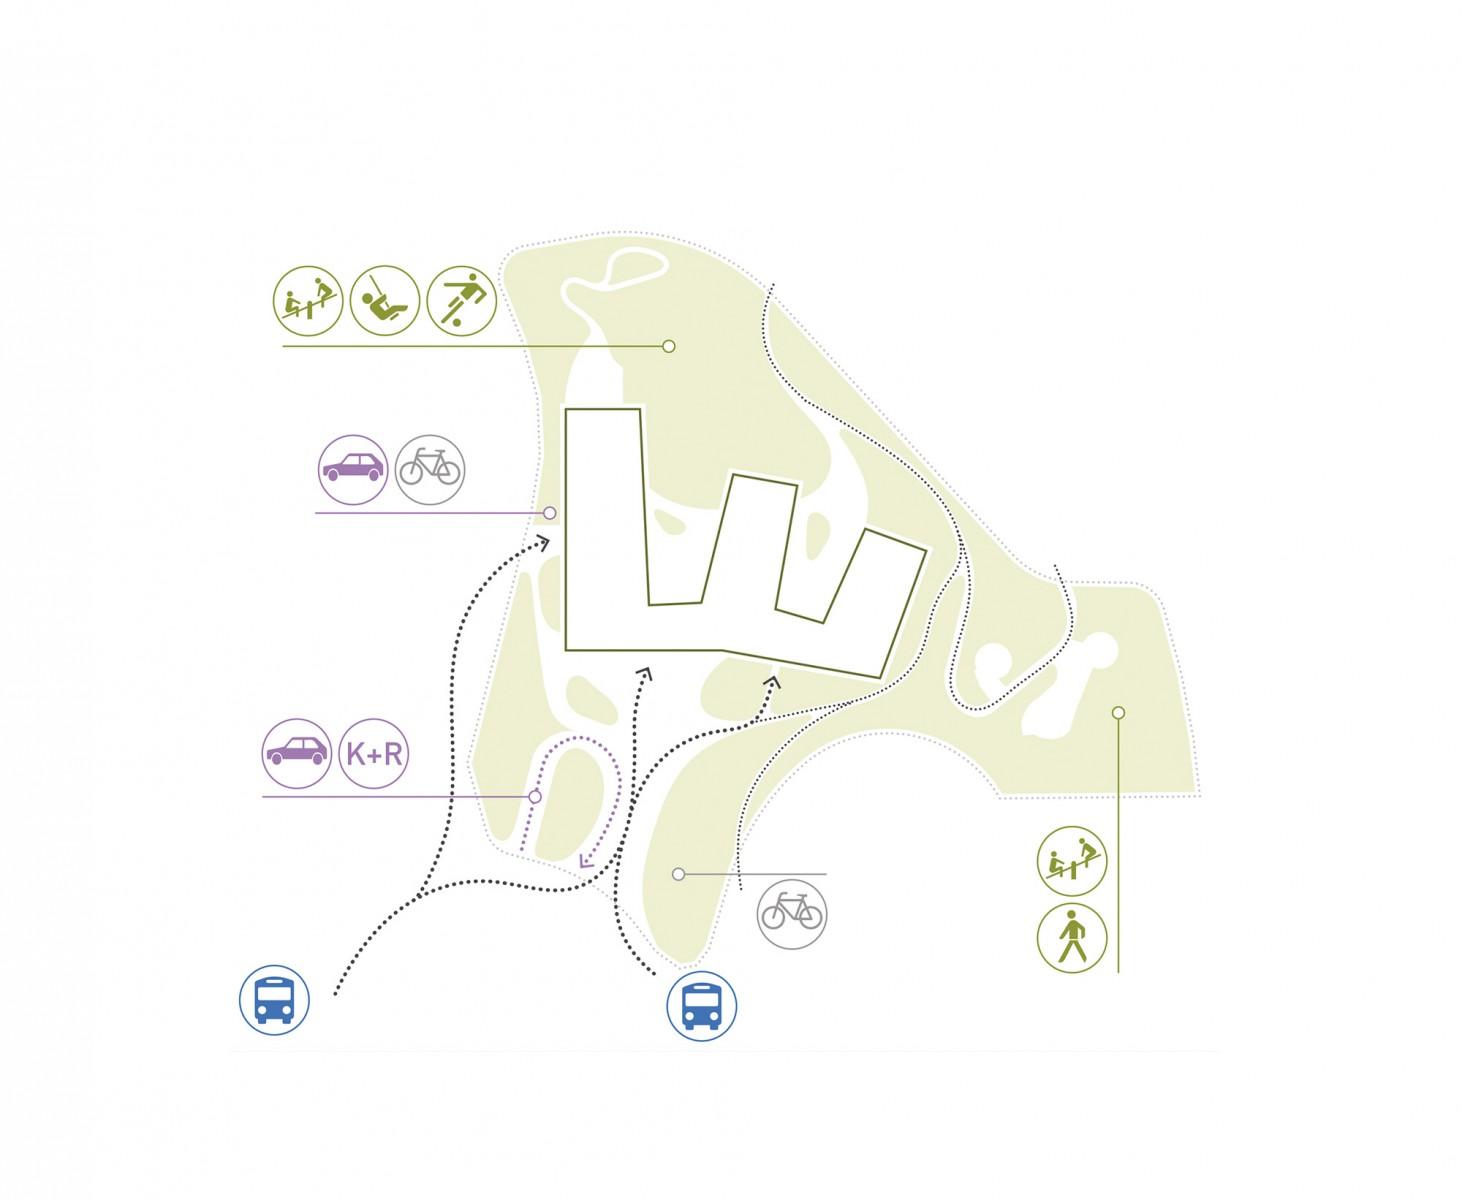 WB Bildungshaus Winkelwiese, Tübingen, Diagramm Wege